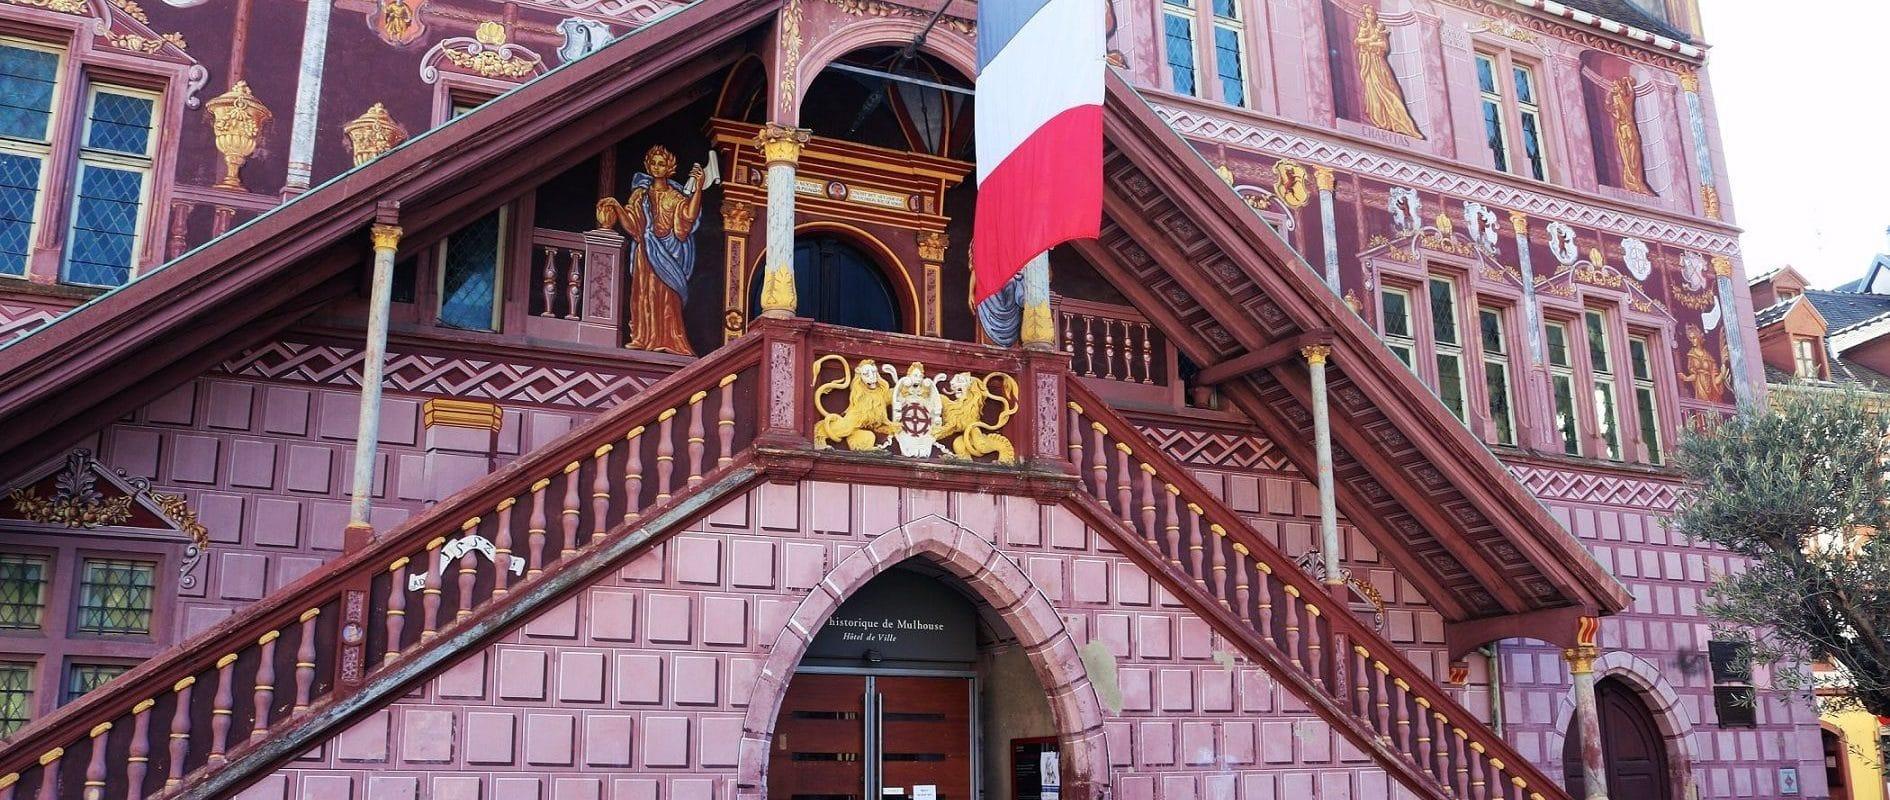 Municipales à Mulhouse, la cité ouvrière a dissous ses Socialistes